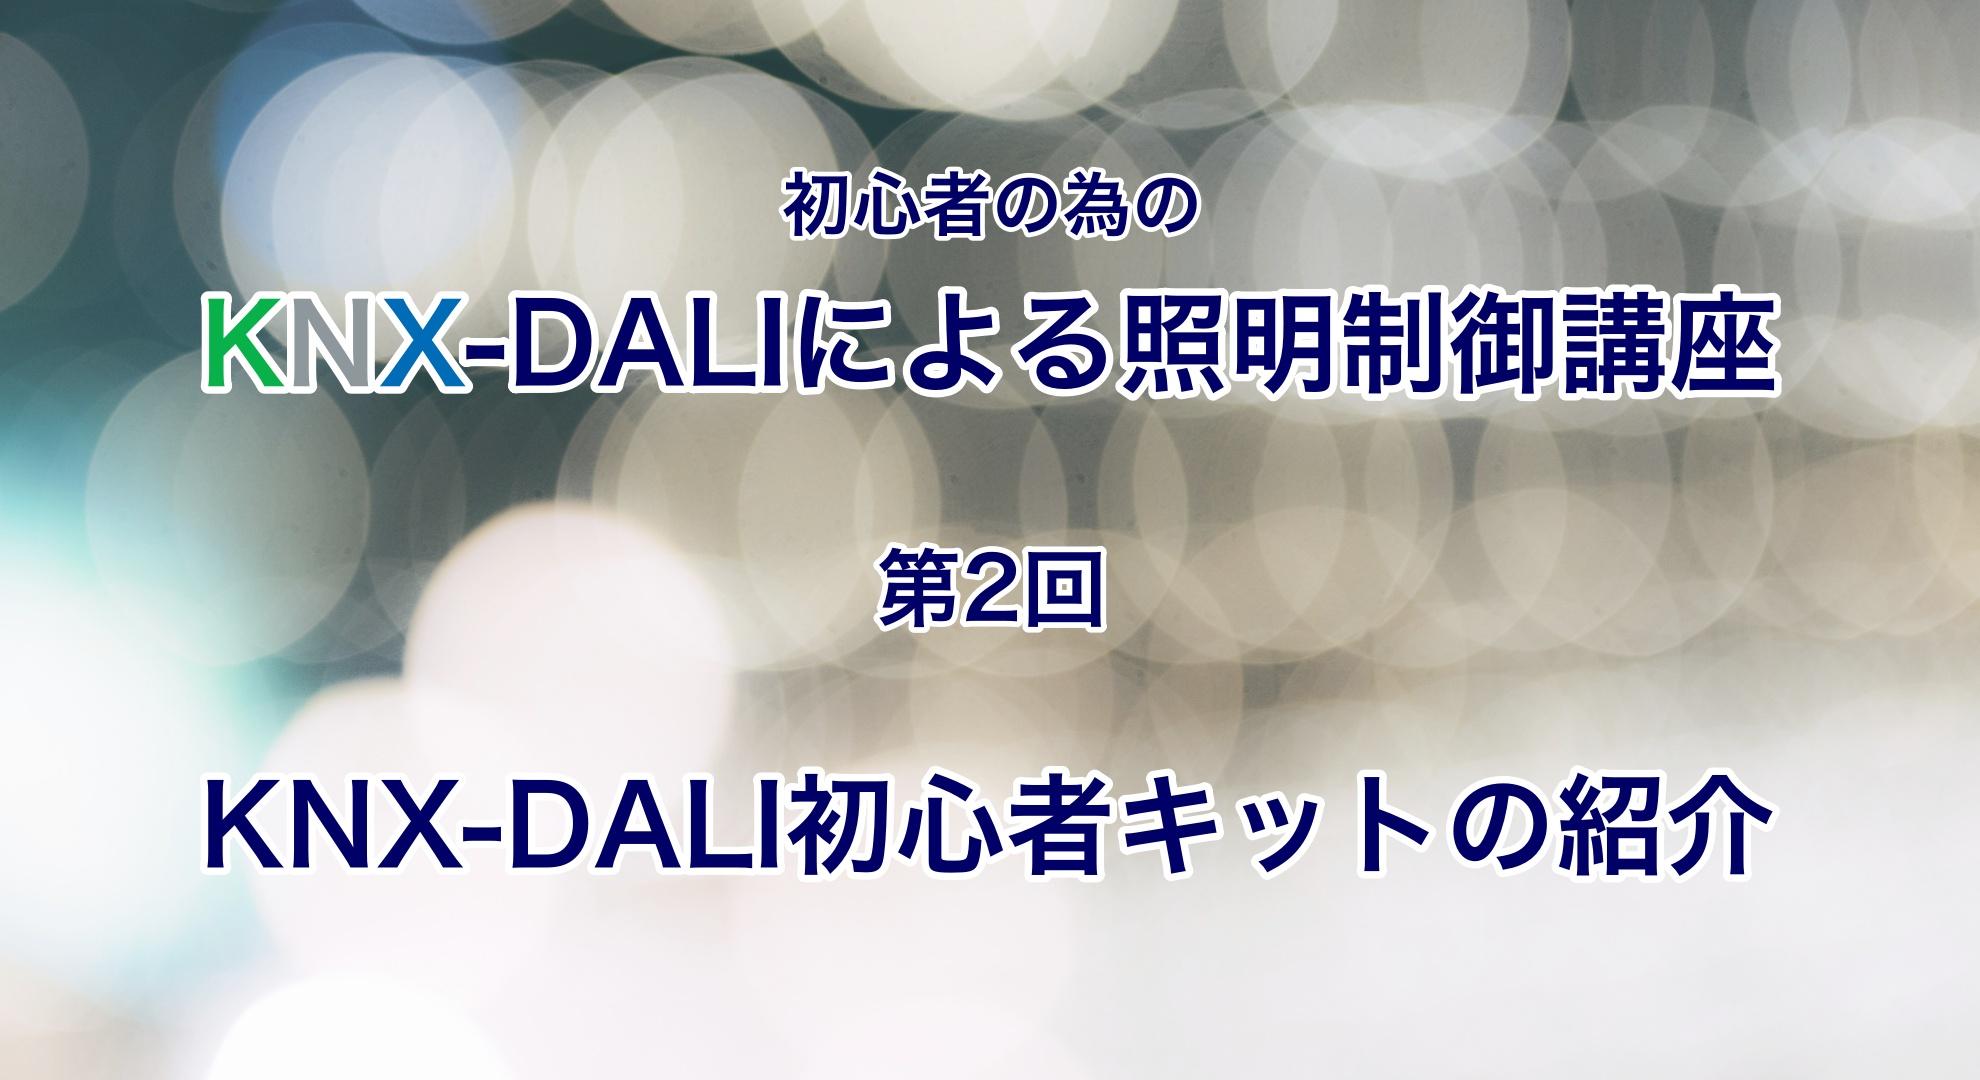 第2回 KNX-DALI初心者キットの紹介/初心者の為のKNX-DALIによる照明制御講座